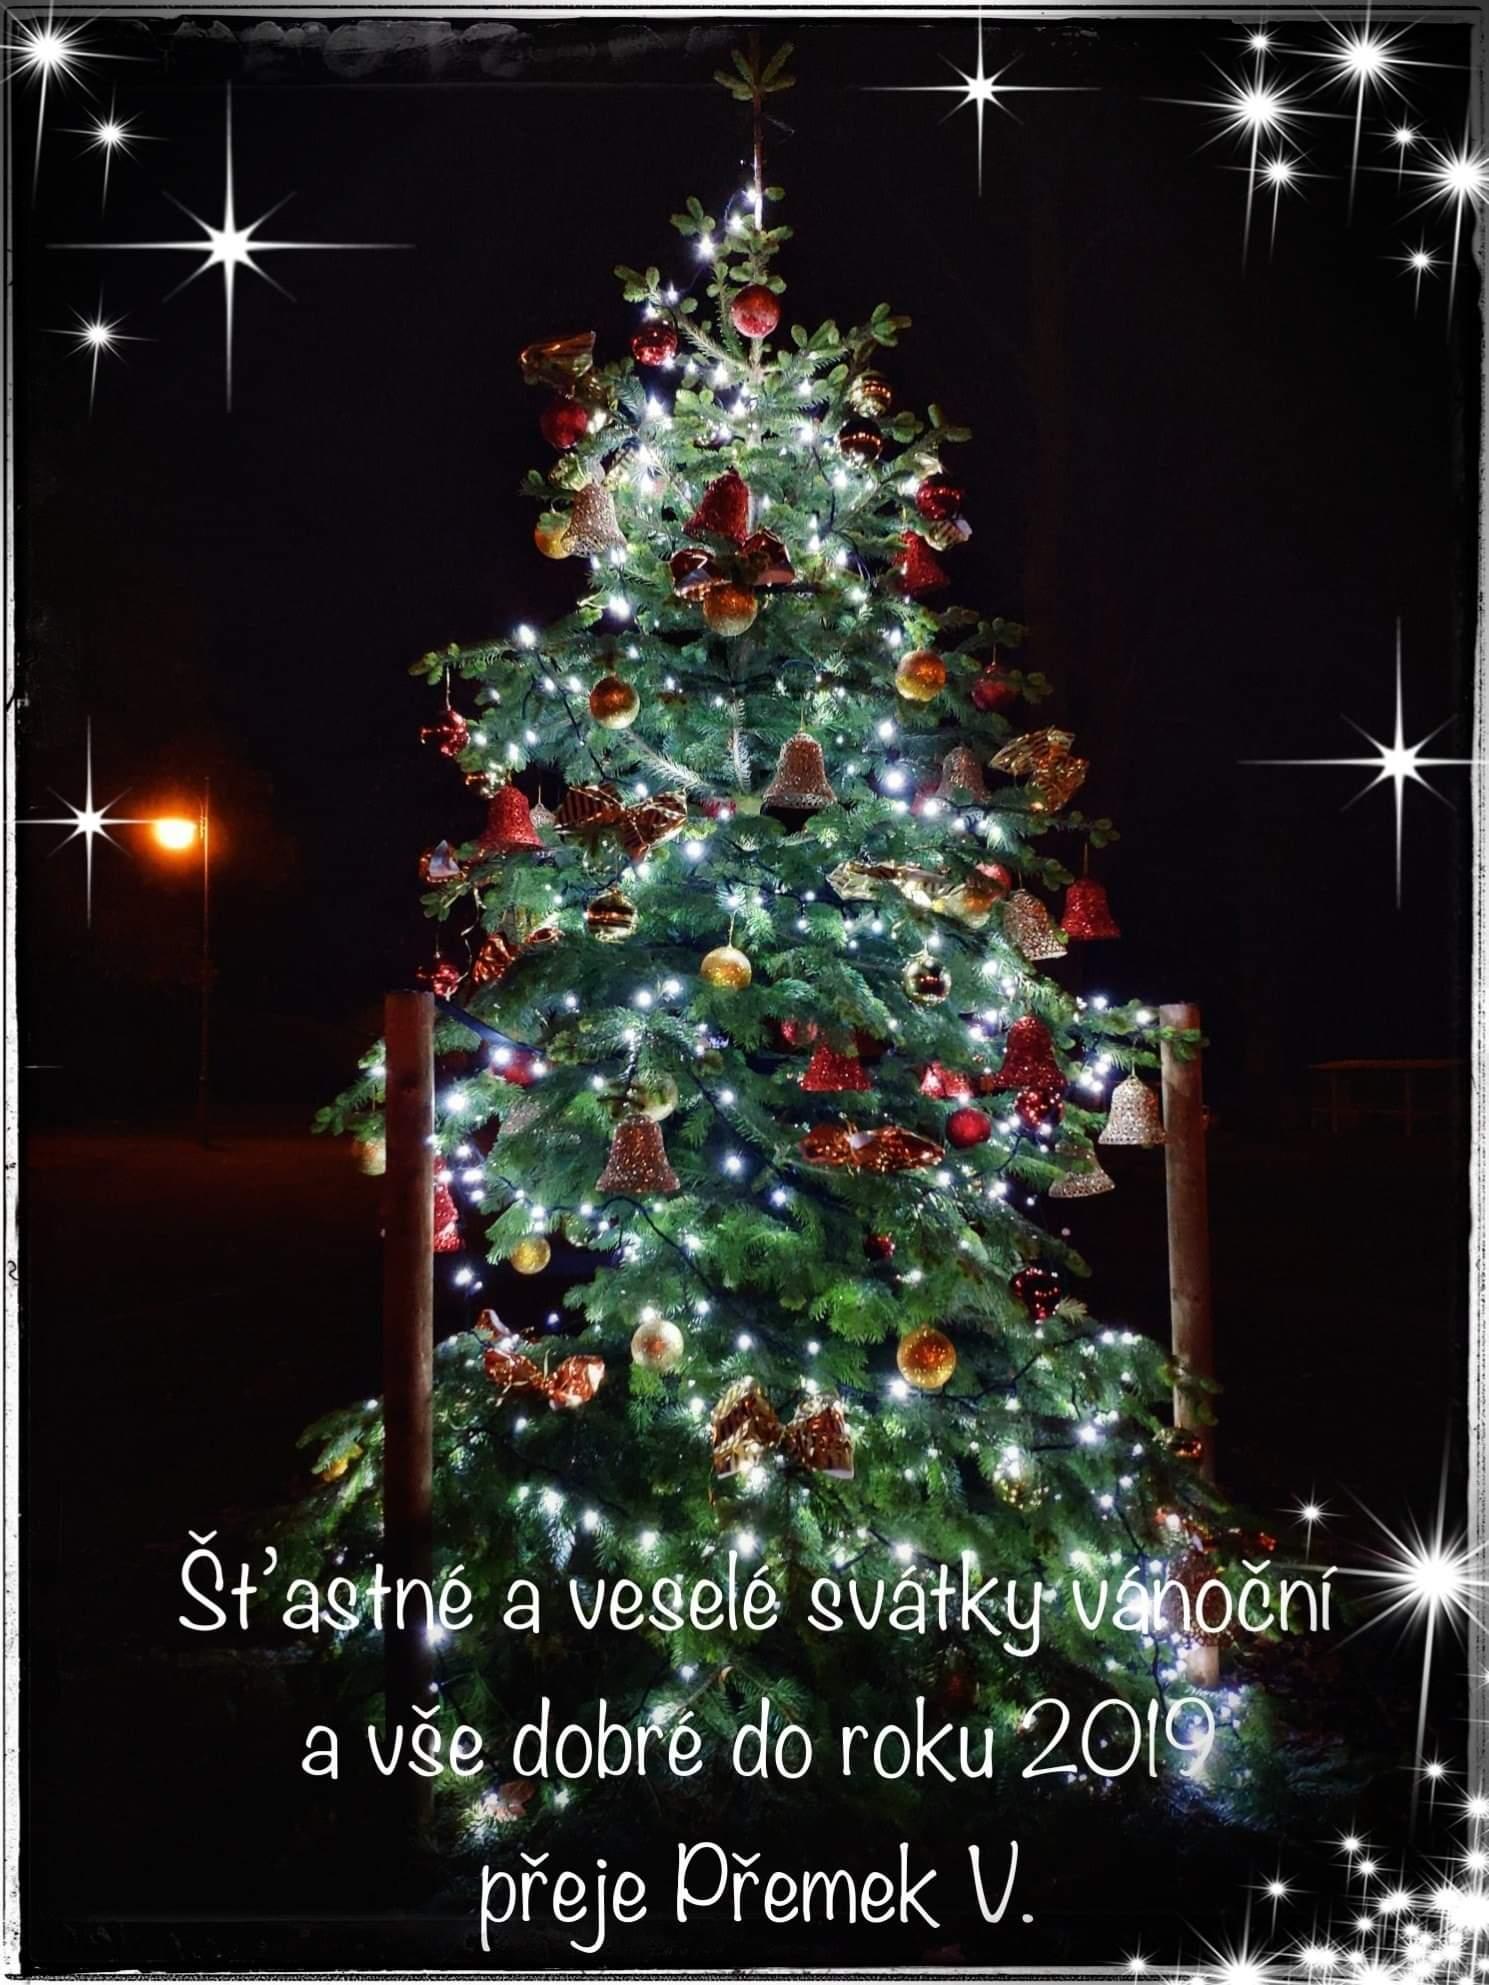 Šťastné a veselé vánoce 2018